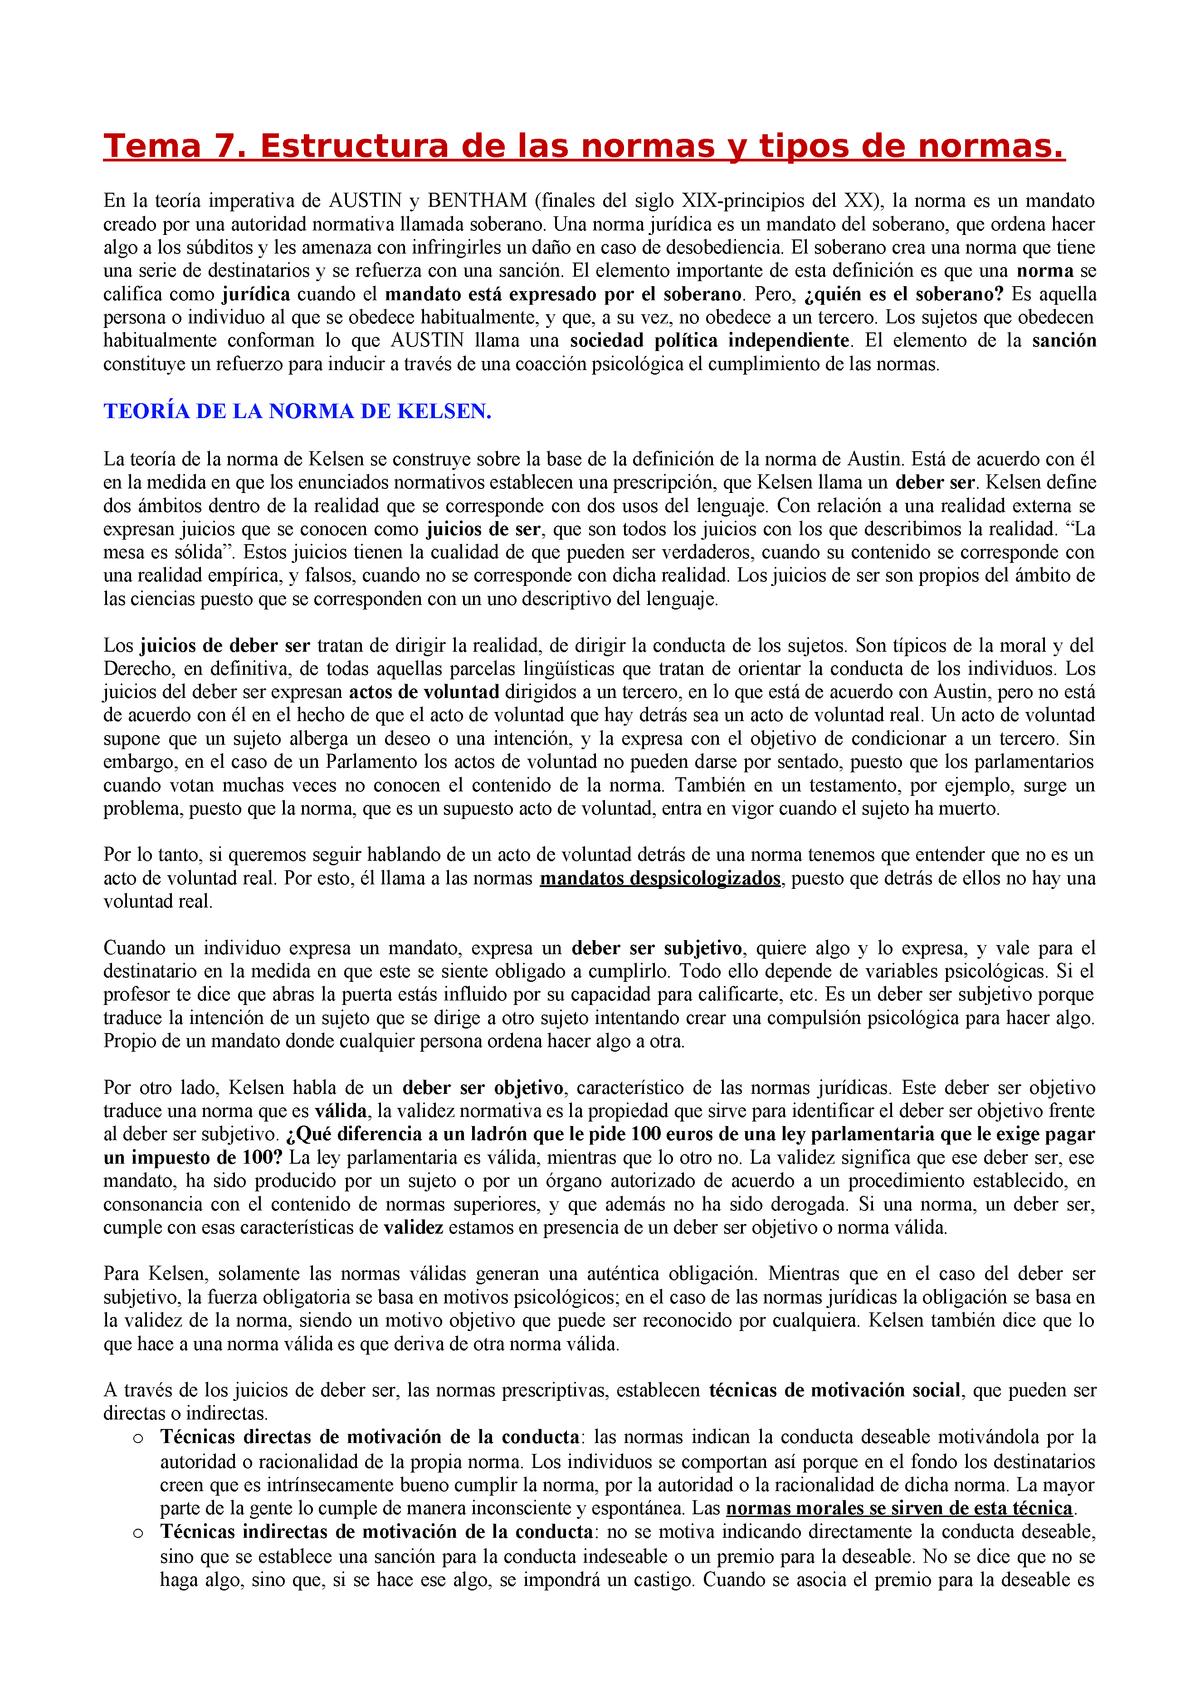 Tema 7 Estructura De Las Normas Y Tipos De Normas 13690